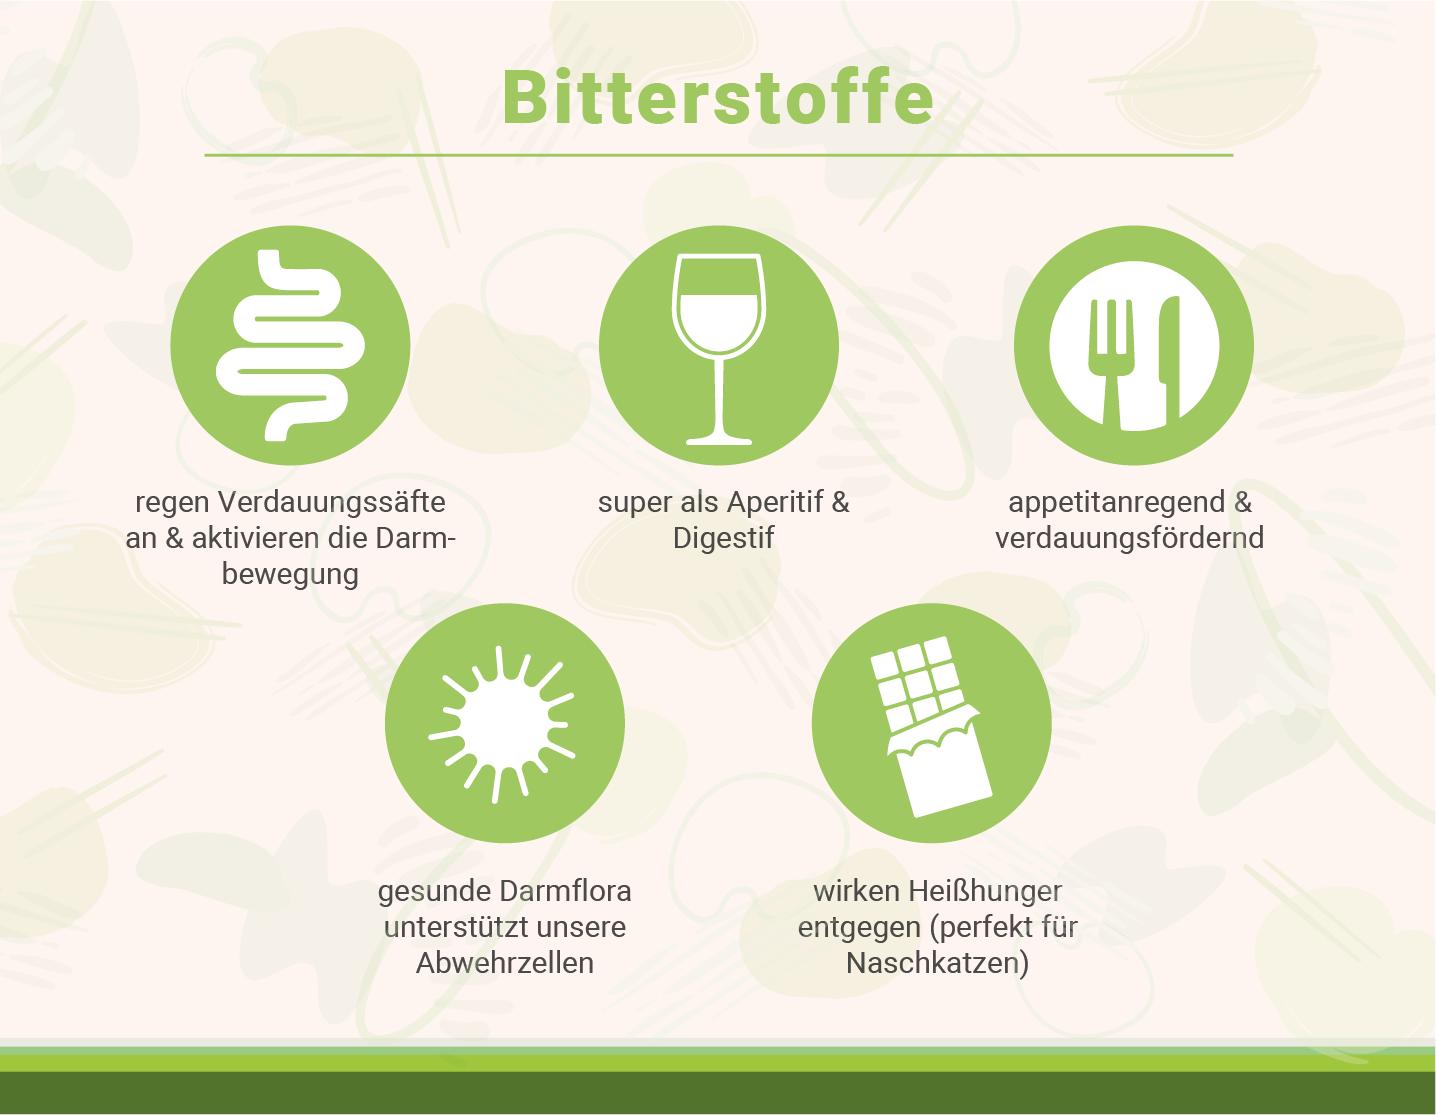 infografik-bitterstoffe-verdauung-und-vorteile-fuer-gesunde-darmflora